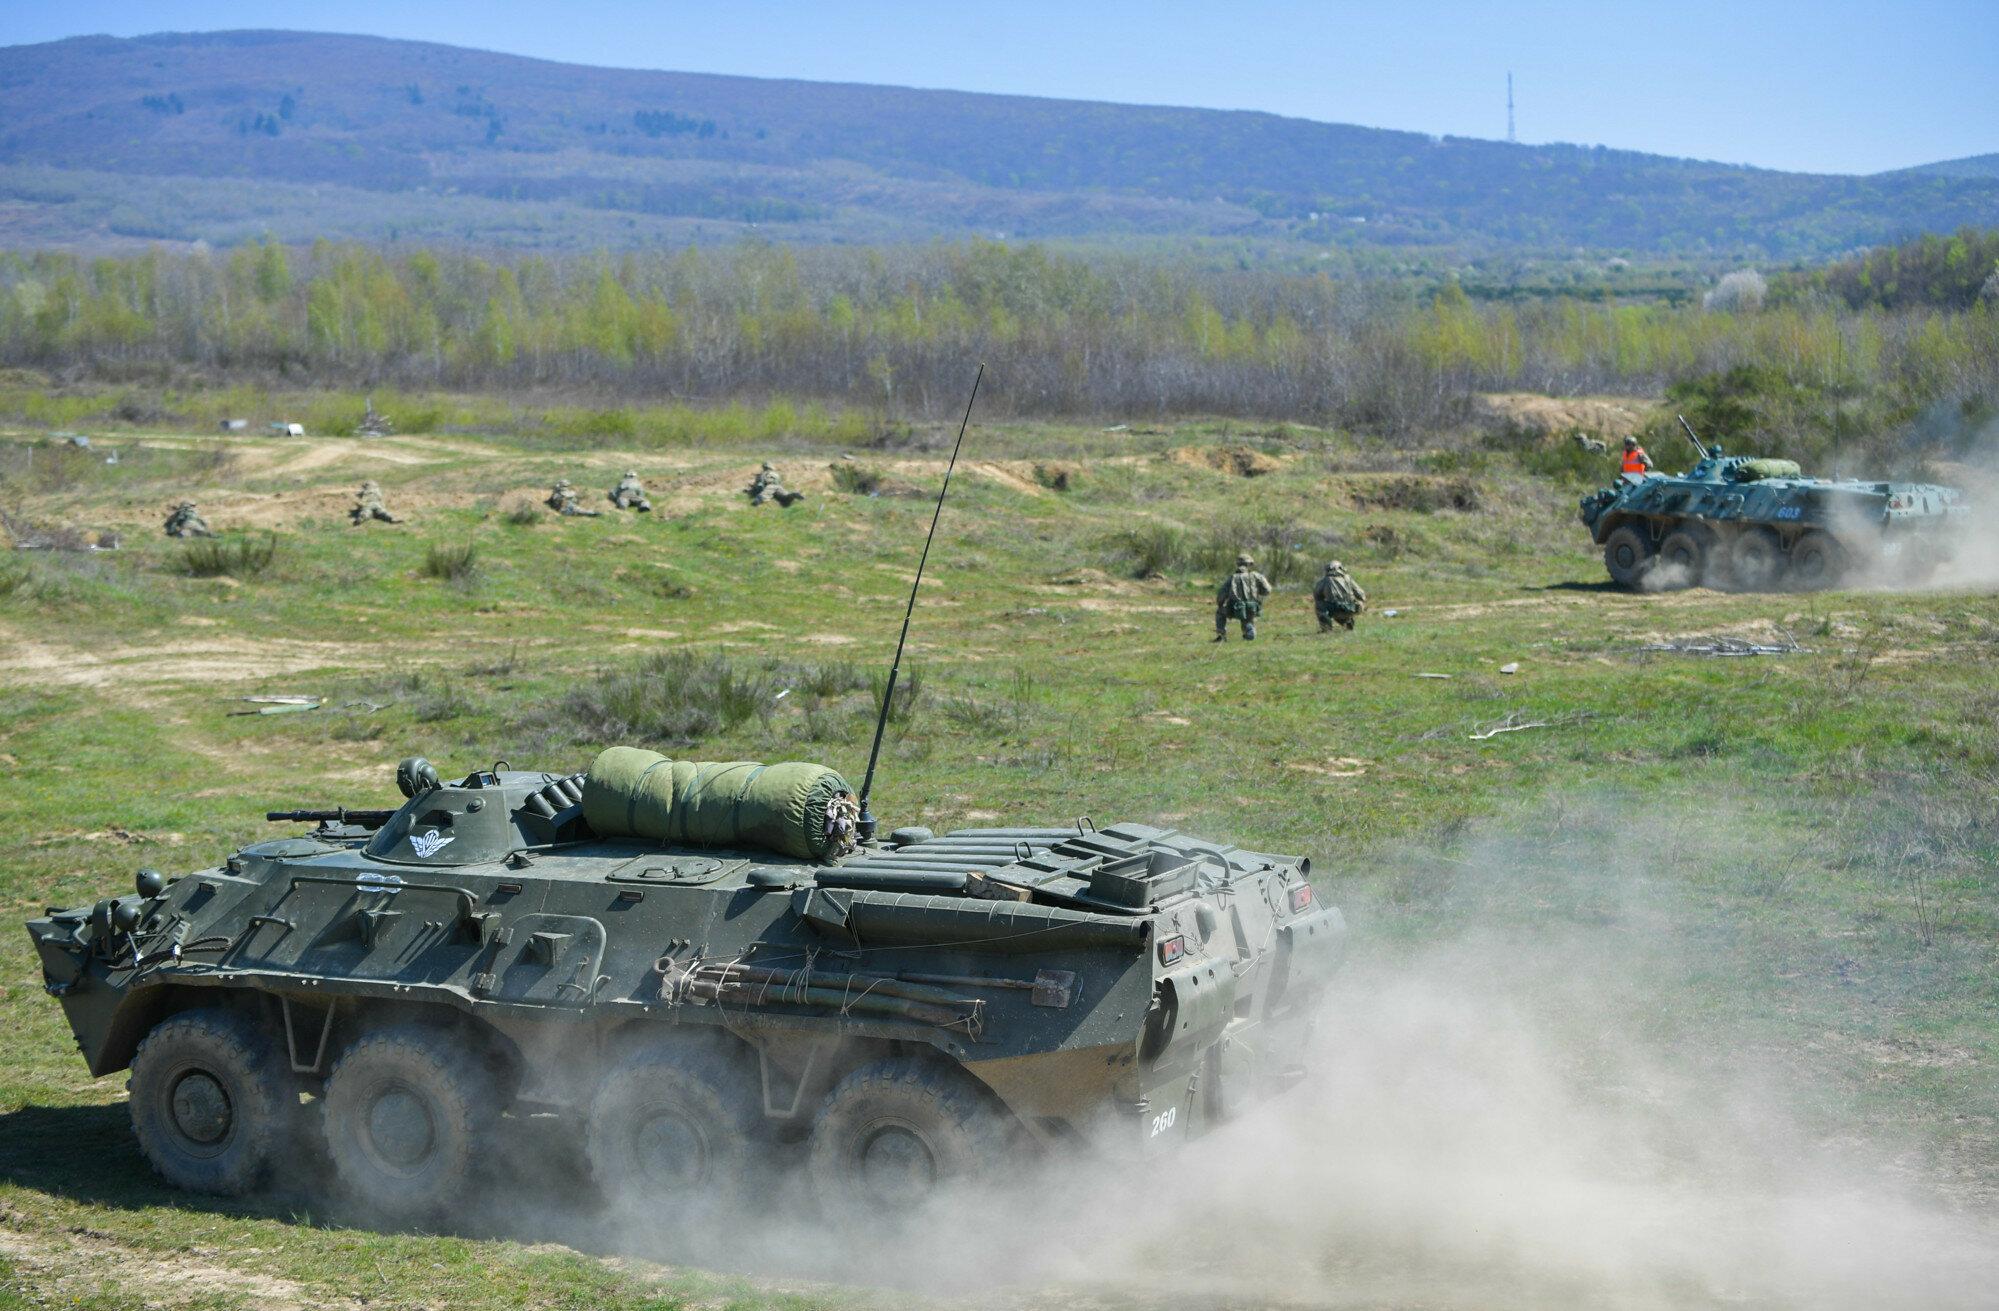 Член Общественного совета при Минобороны РФ признал присутствие российских войск в Украине